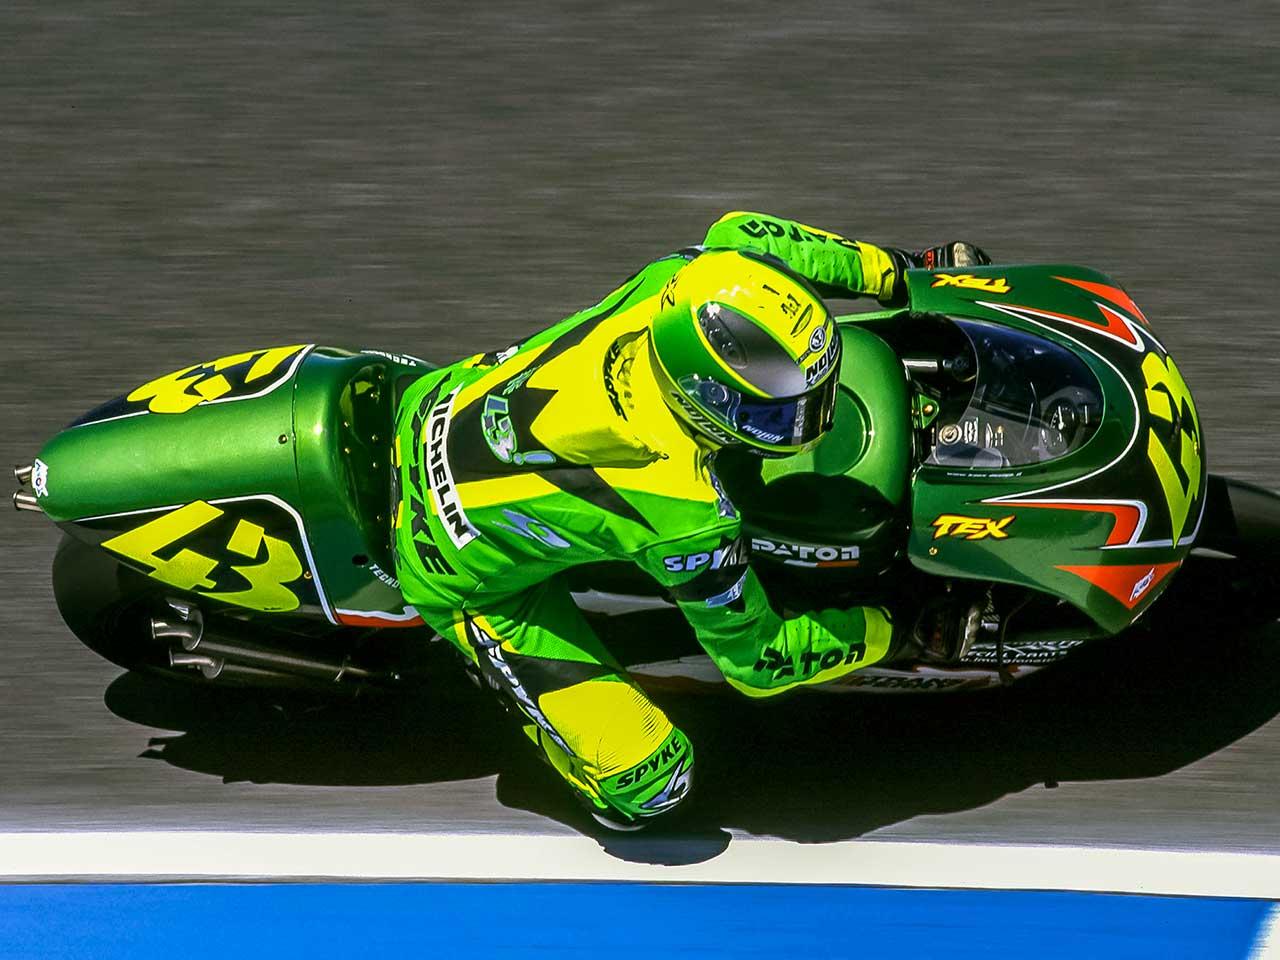 Paton_Storia-Anni2000_Paolo-Tessari_Campionato-Mondiale-500cc_2000